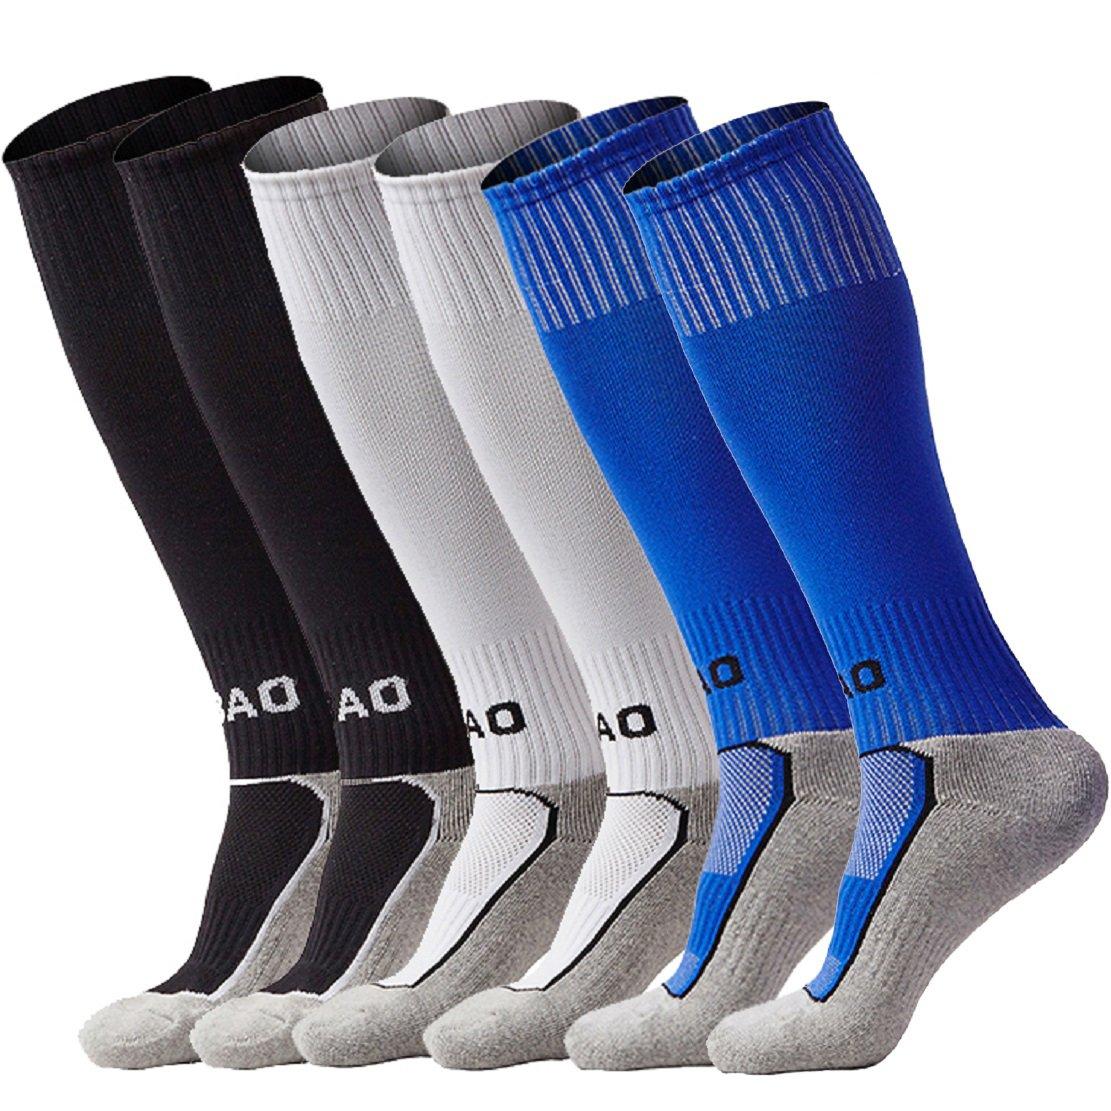 子供/ジュニア 運動 スポーツ トレーニング 膝上 サッカーストッキング B075KLQS3N 3ペア (ブラック&ホワイト&ブルー) 3ペア (ブラック&ホワイト&ブルー)